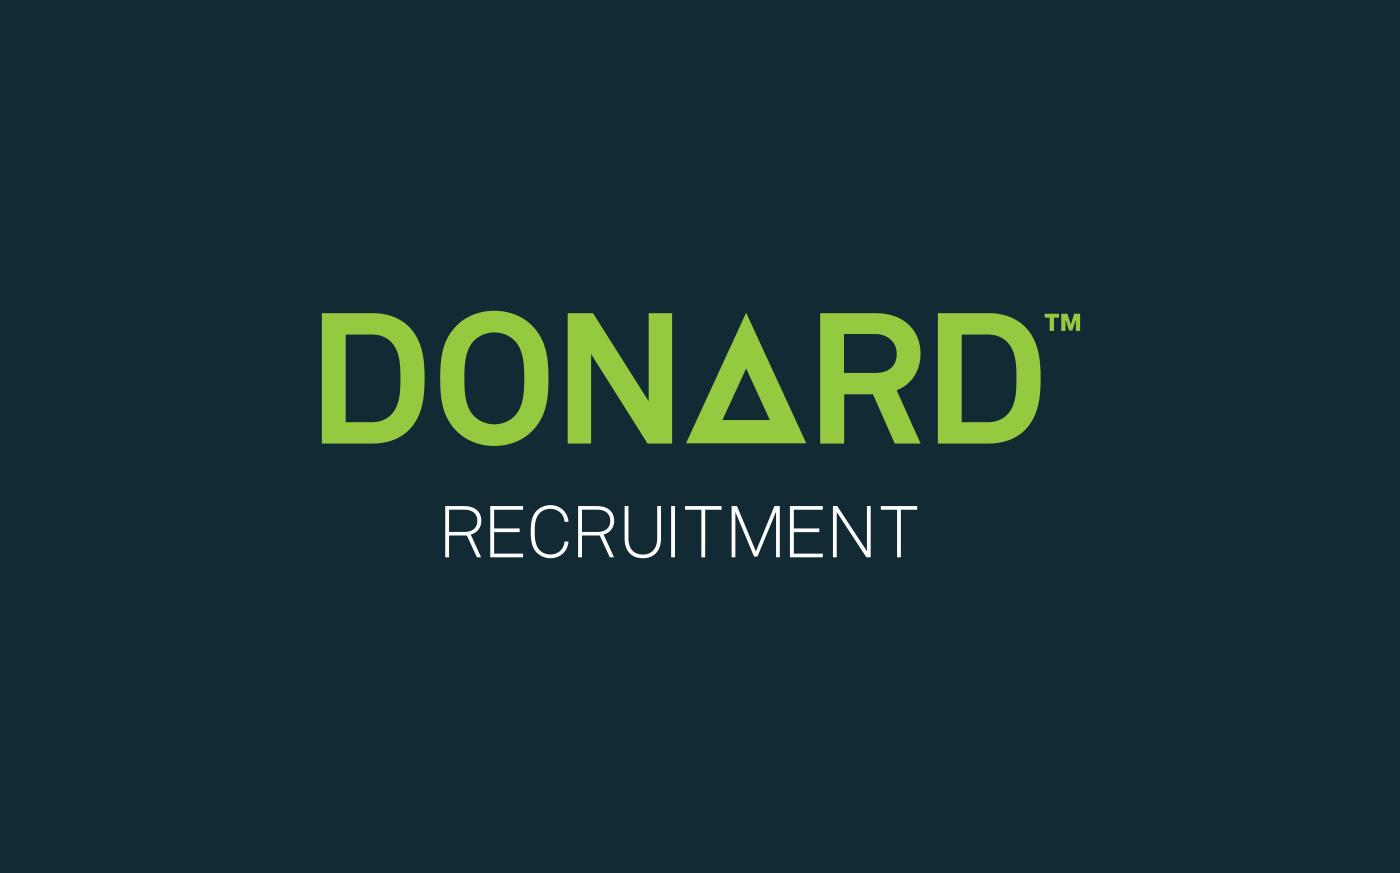 Donard Recruitment